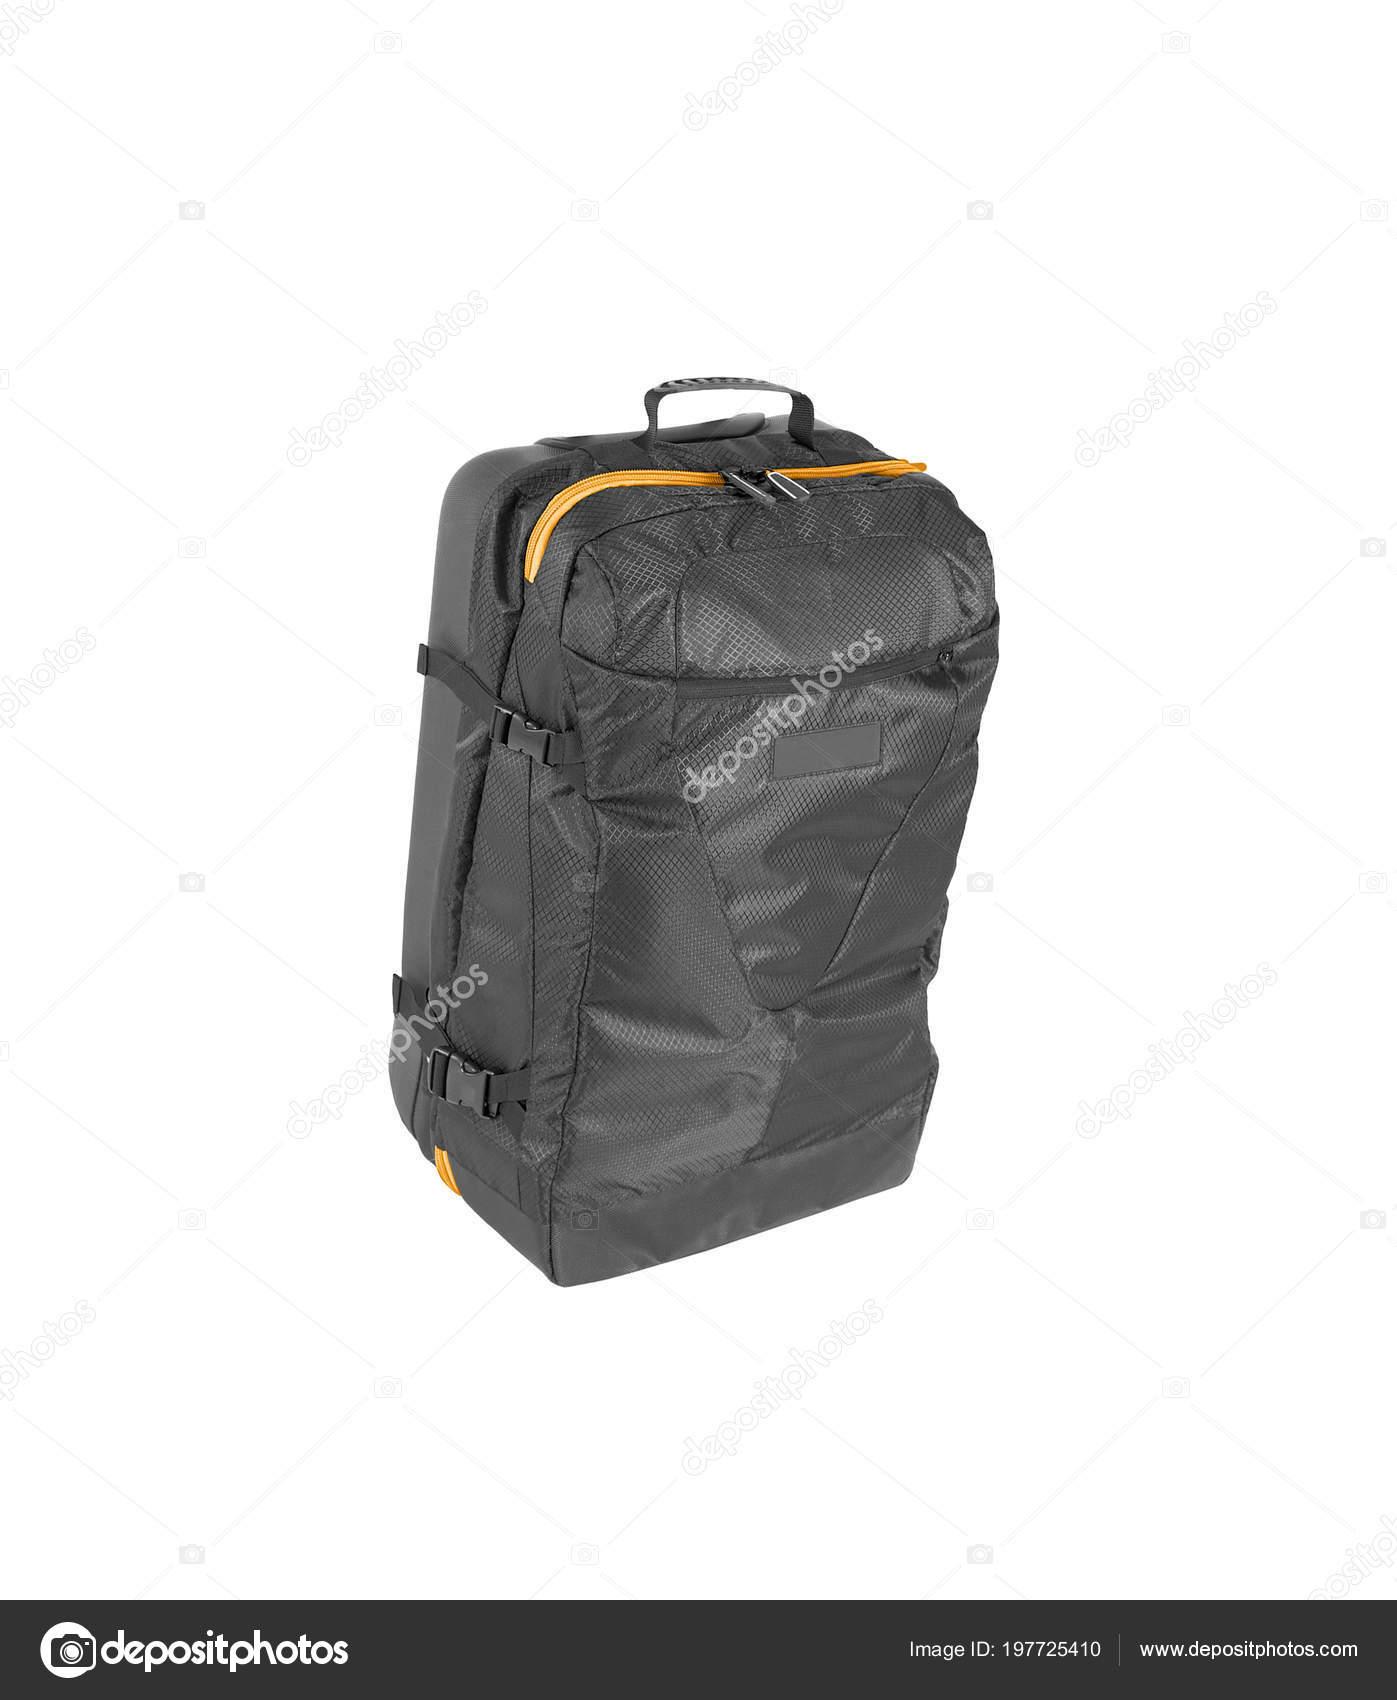 568a60642b00e Schwarzen Gepäck Tasche Isoliert Auf Weißem Hintergrund — Stockfoto ...